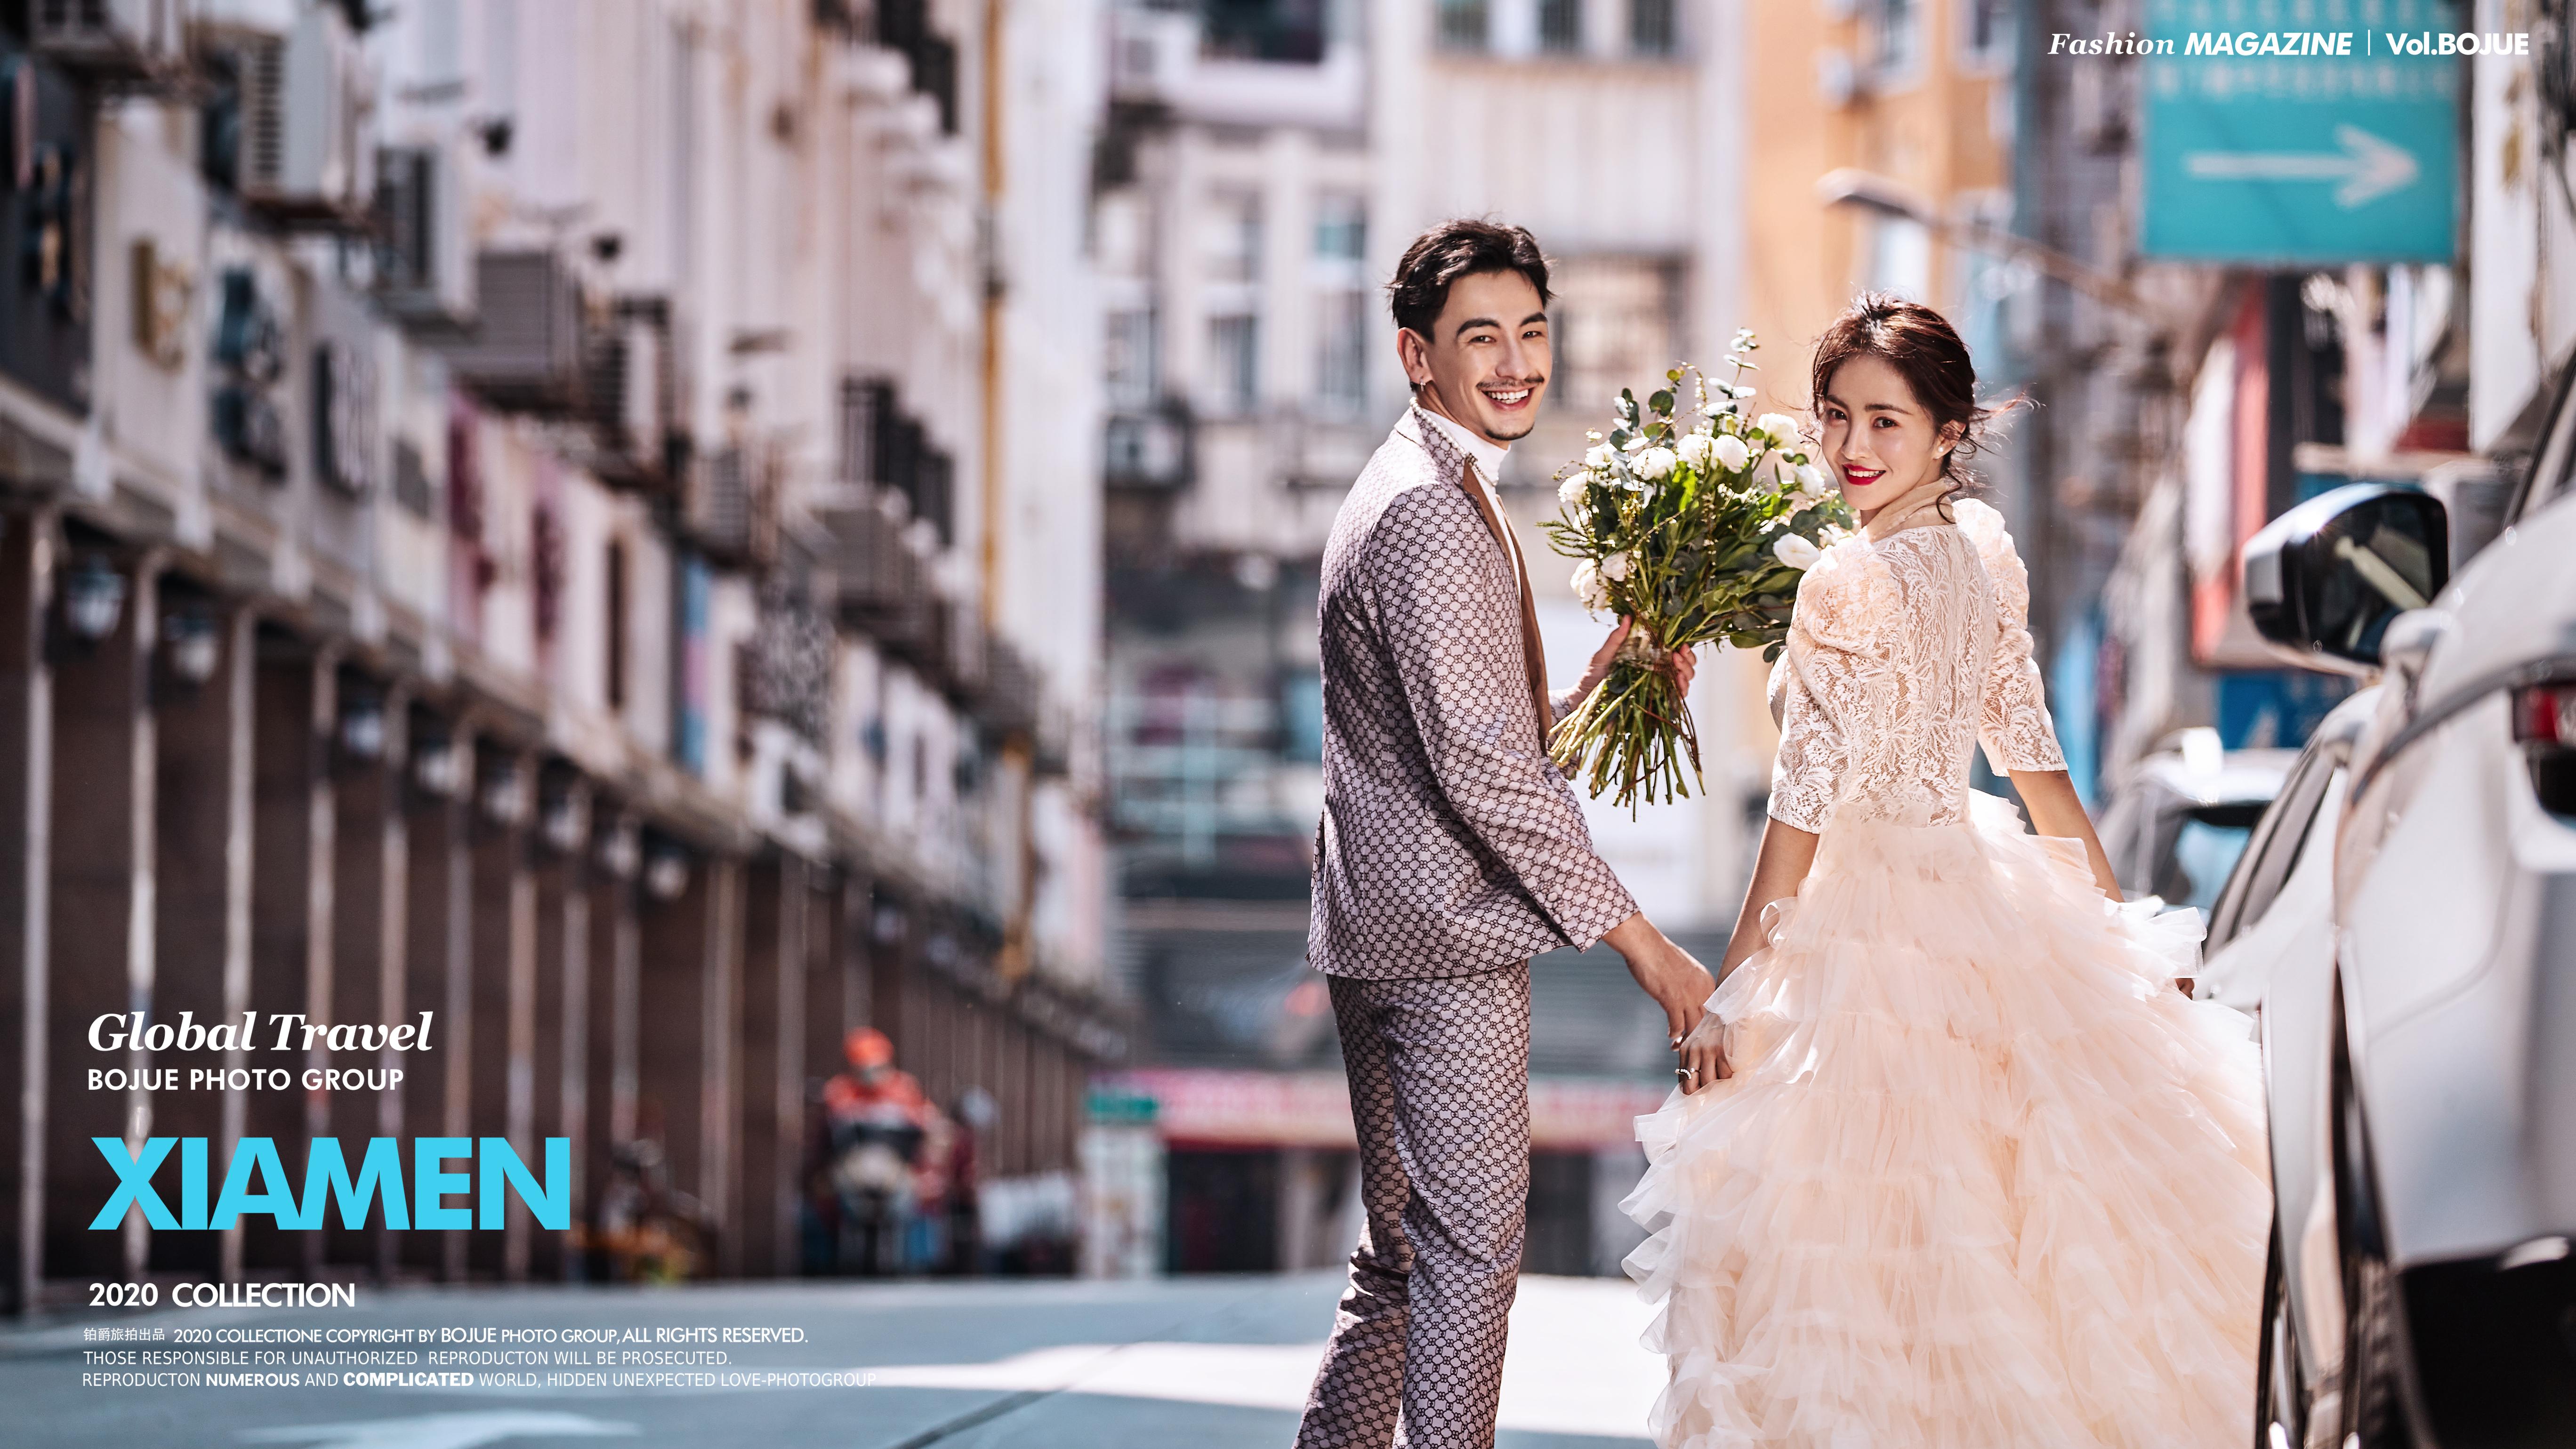 厦门拍婚纱照几月份比较好,厦门婚纱摄影攻略大全